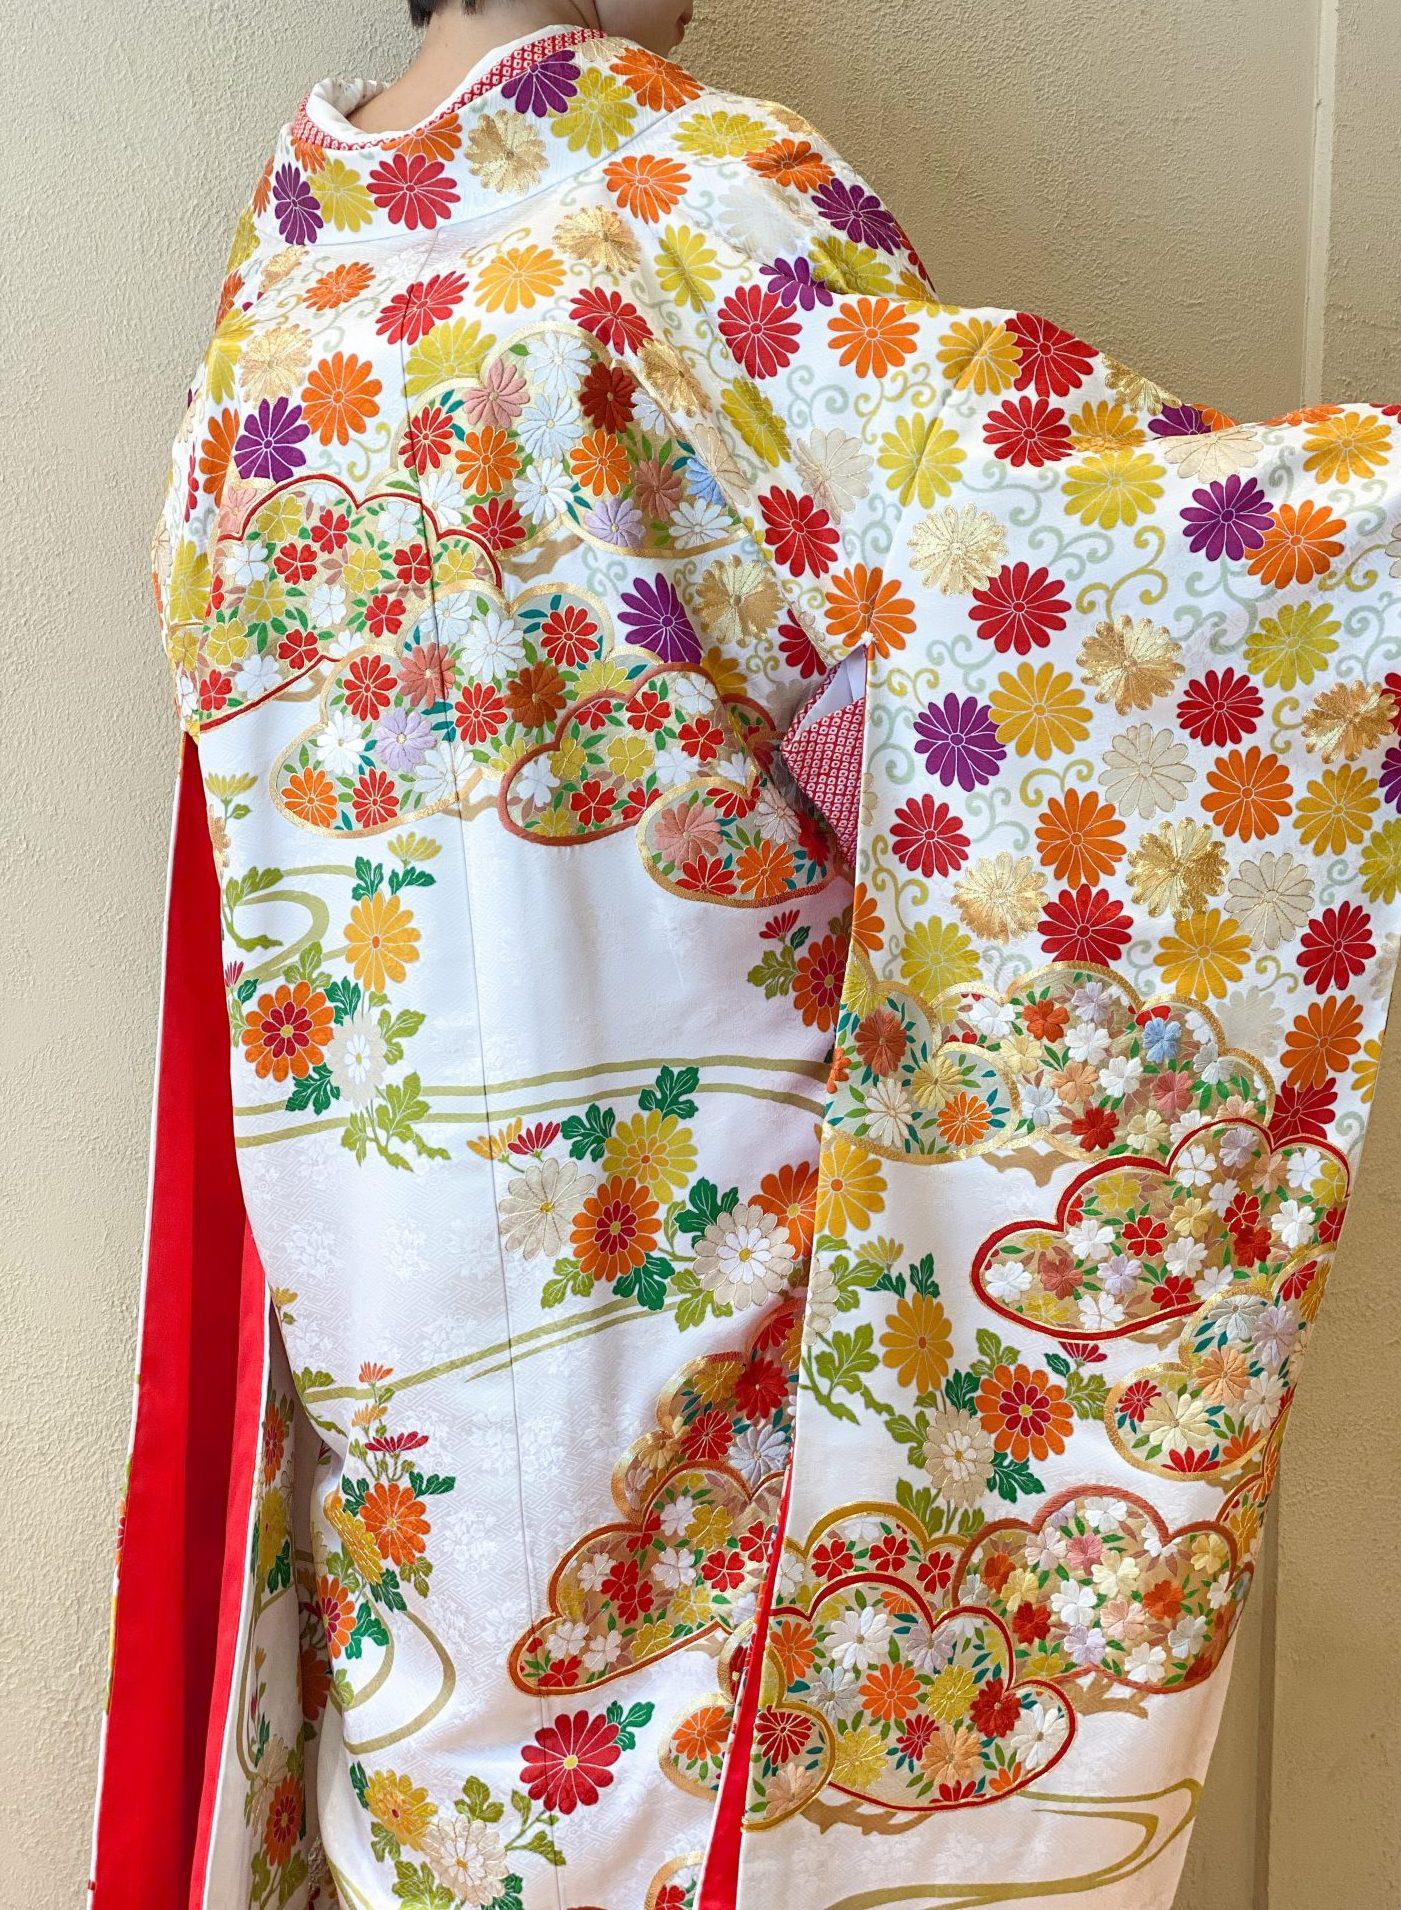 後ろ姿まで刺繍が美しく華やかで綺麗な色打掛を今っぽくトレンドに着こなすのにおすすめなコーディネート